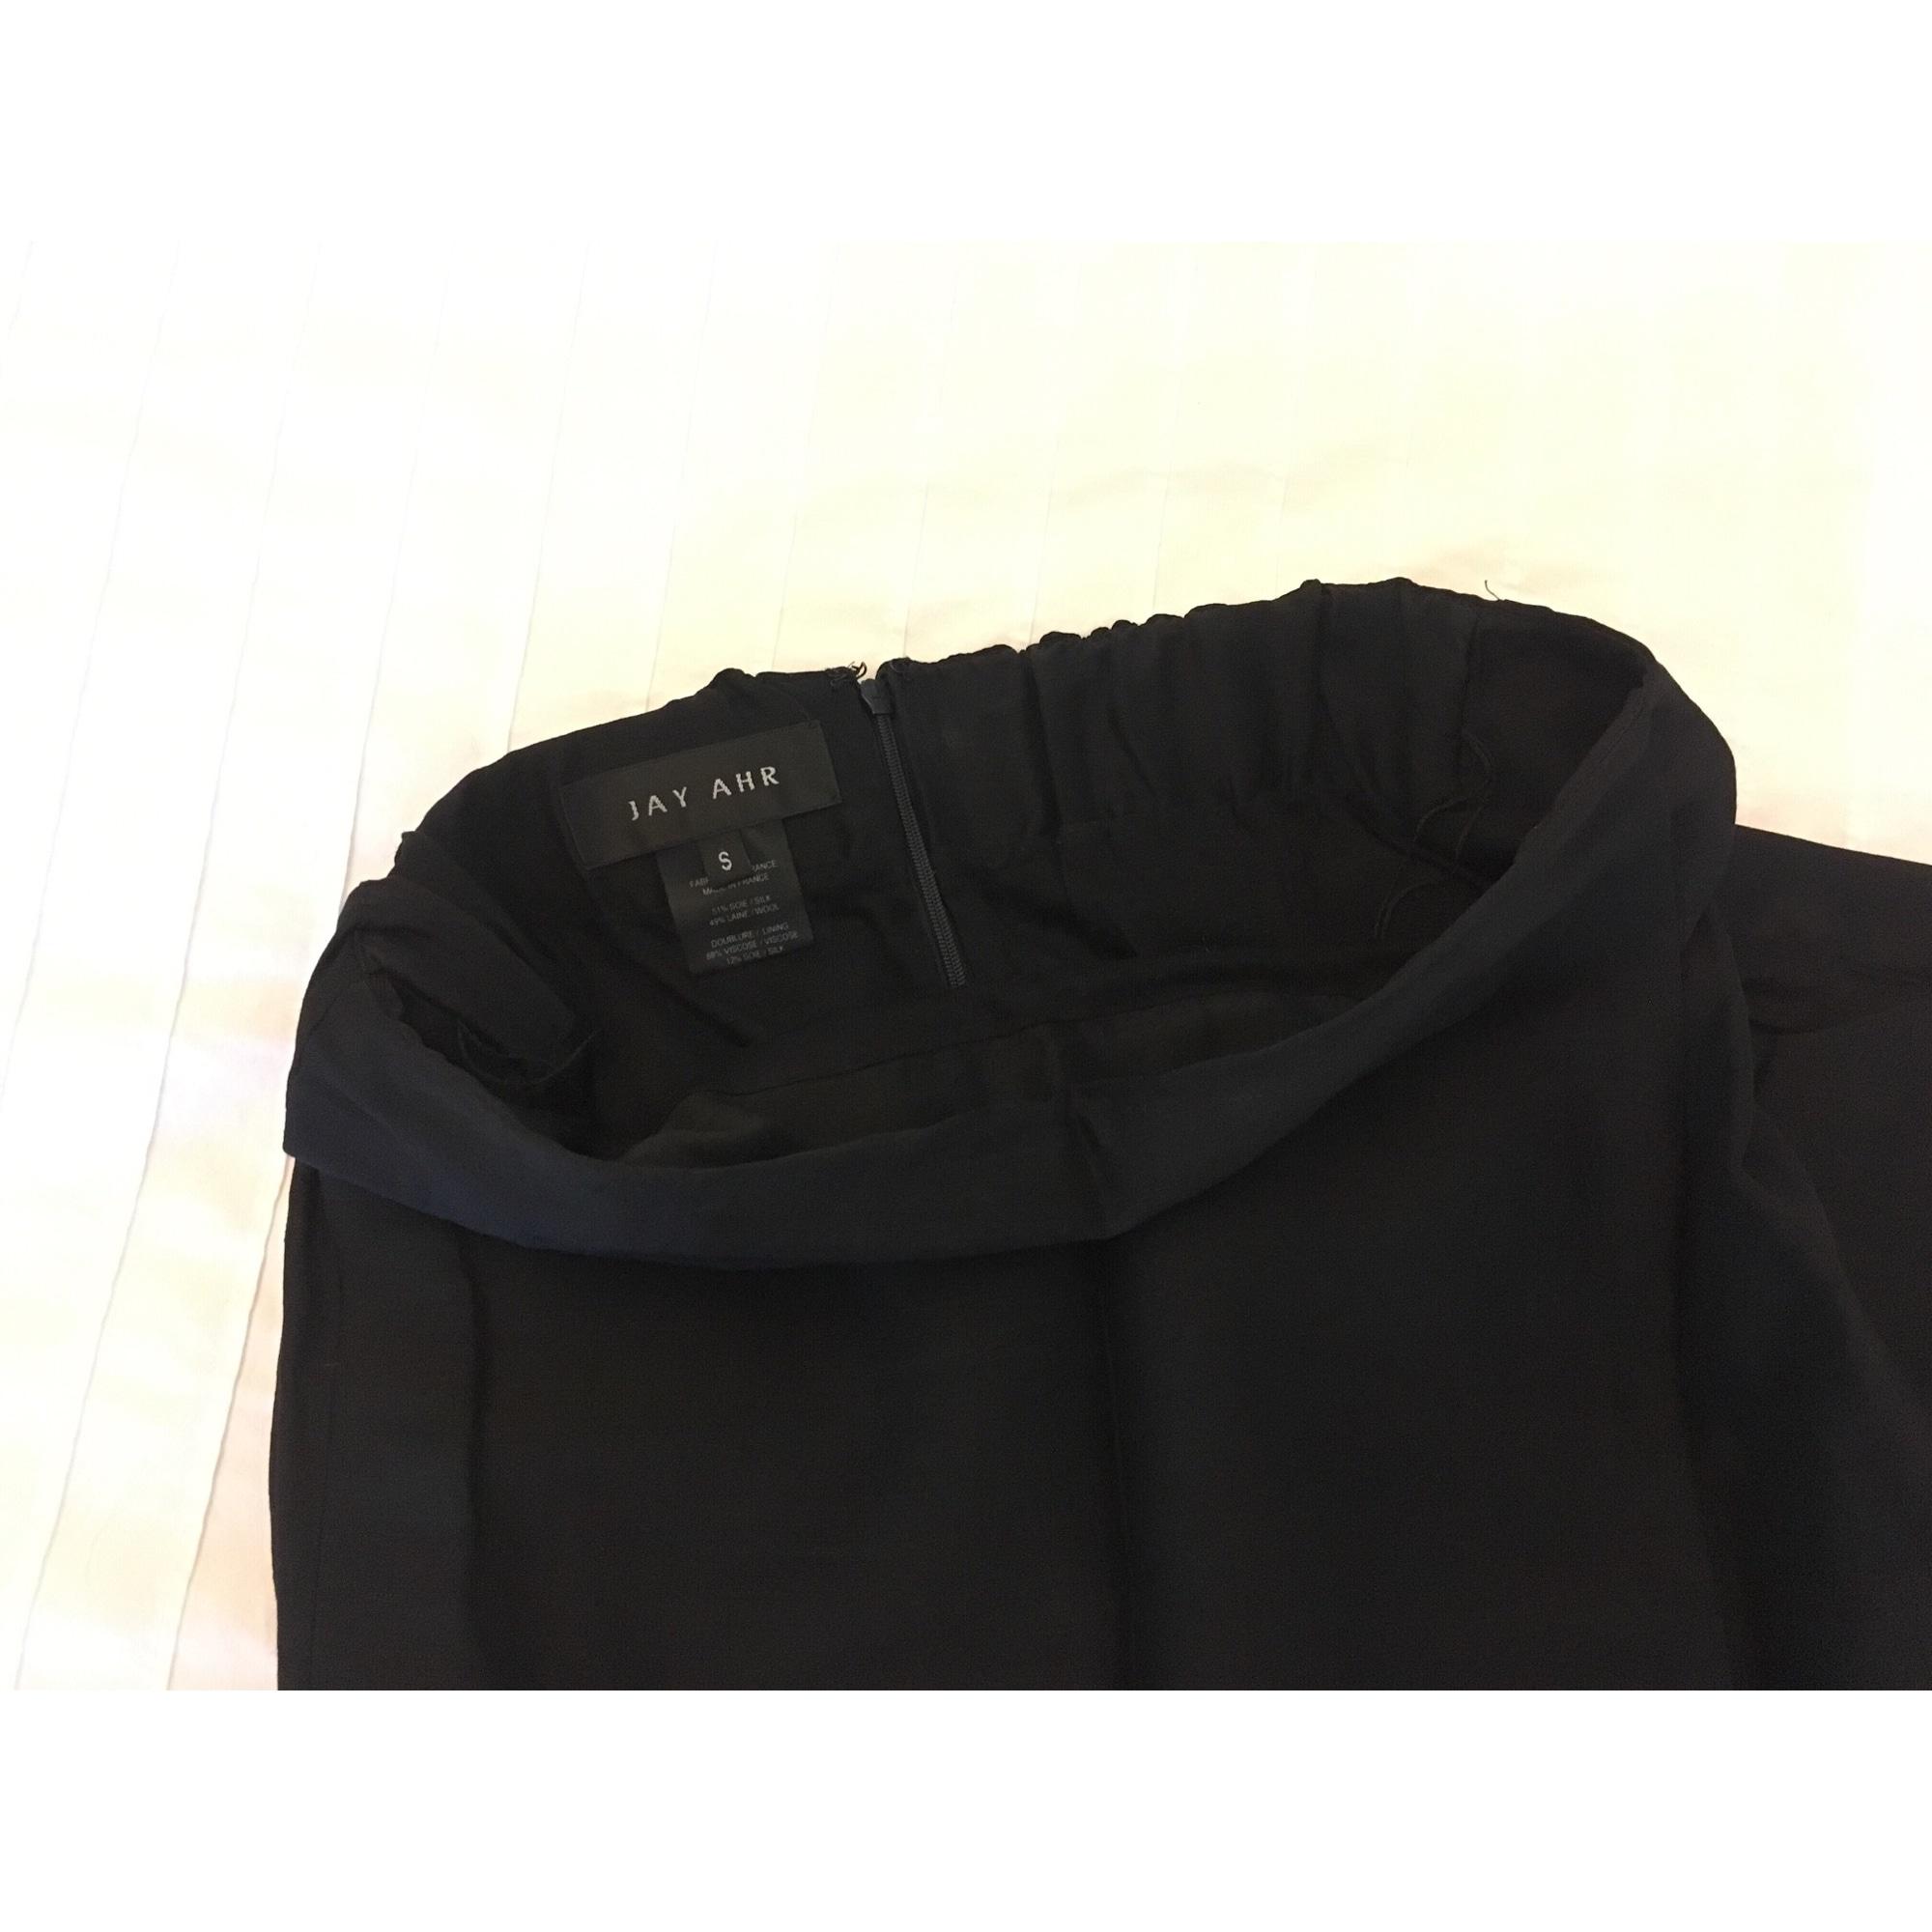 Robe courte JAY AHR Noir